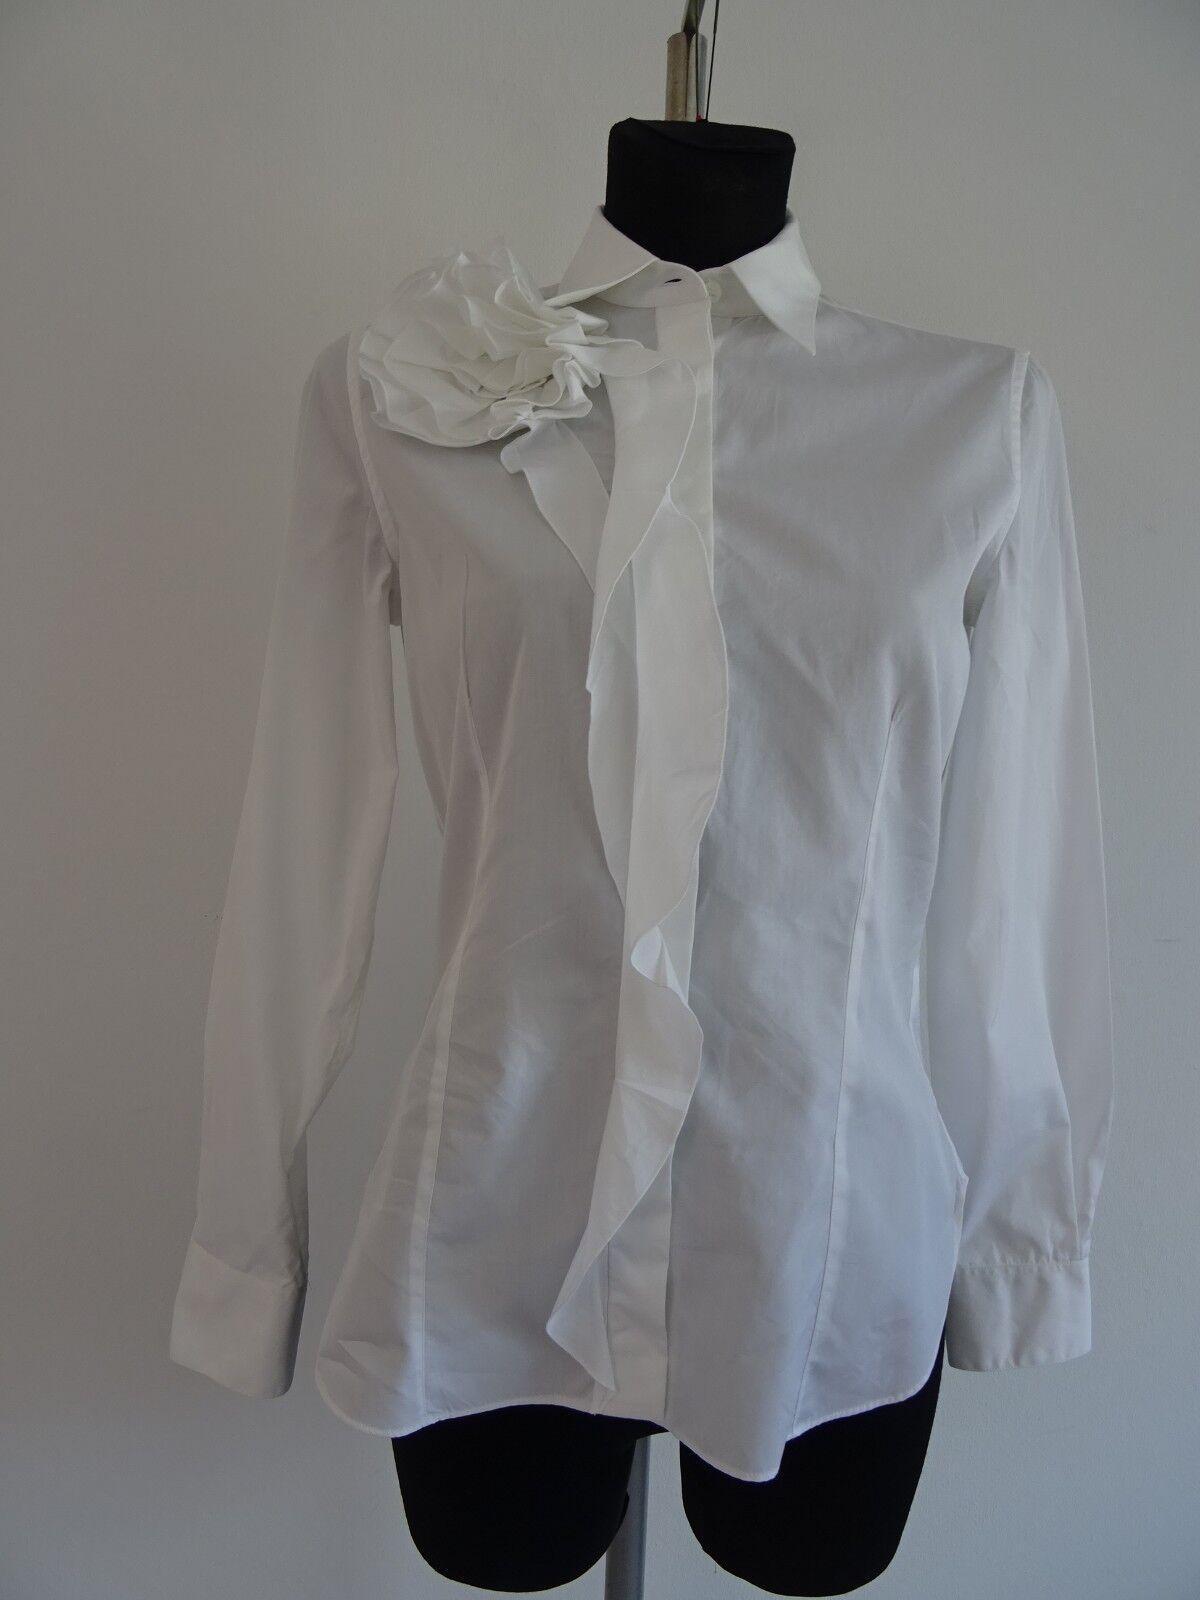 Valentino Camicia Camicia Camicia da Donna Blouse Volant Camicia Bianco 10 40 giurisprudenza Volant Fiore a17ab3